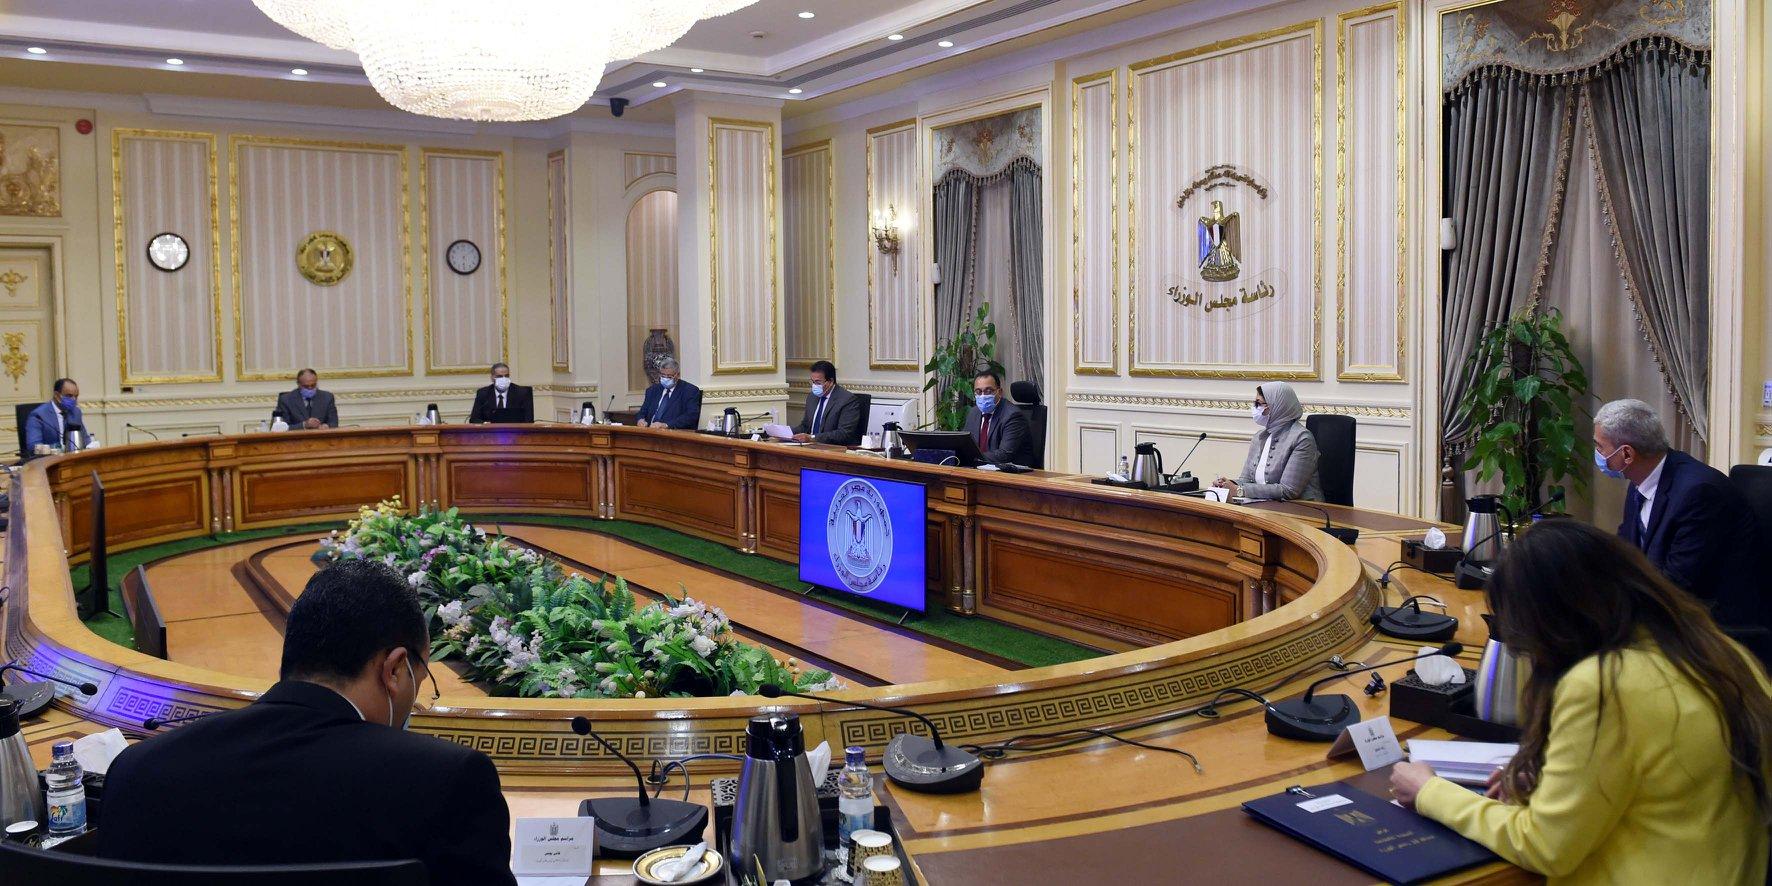 رئيس الوزراء يُناقش آليات تطوير صناعة الدواء في مصر